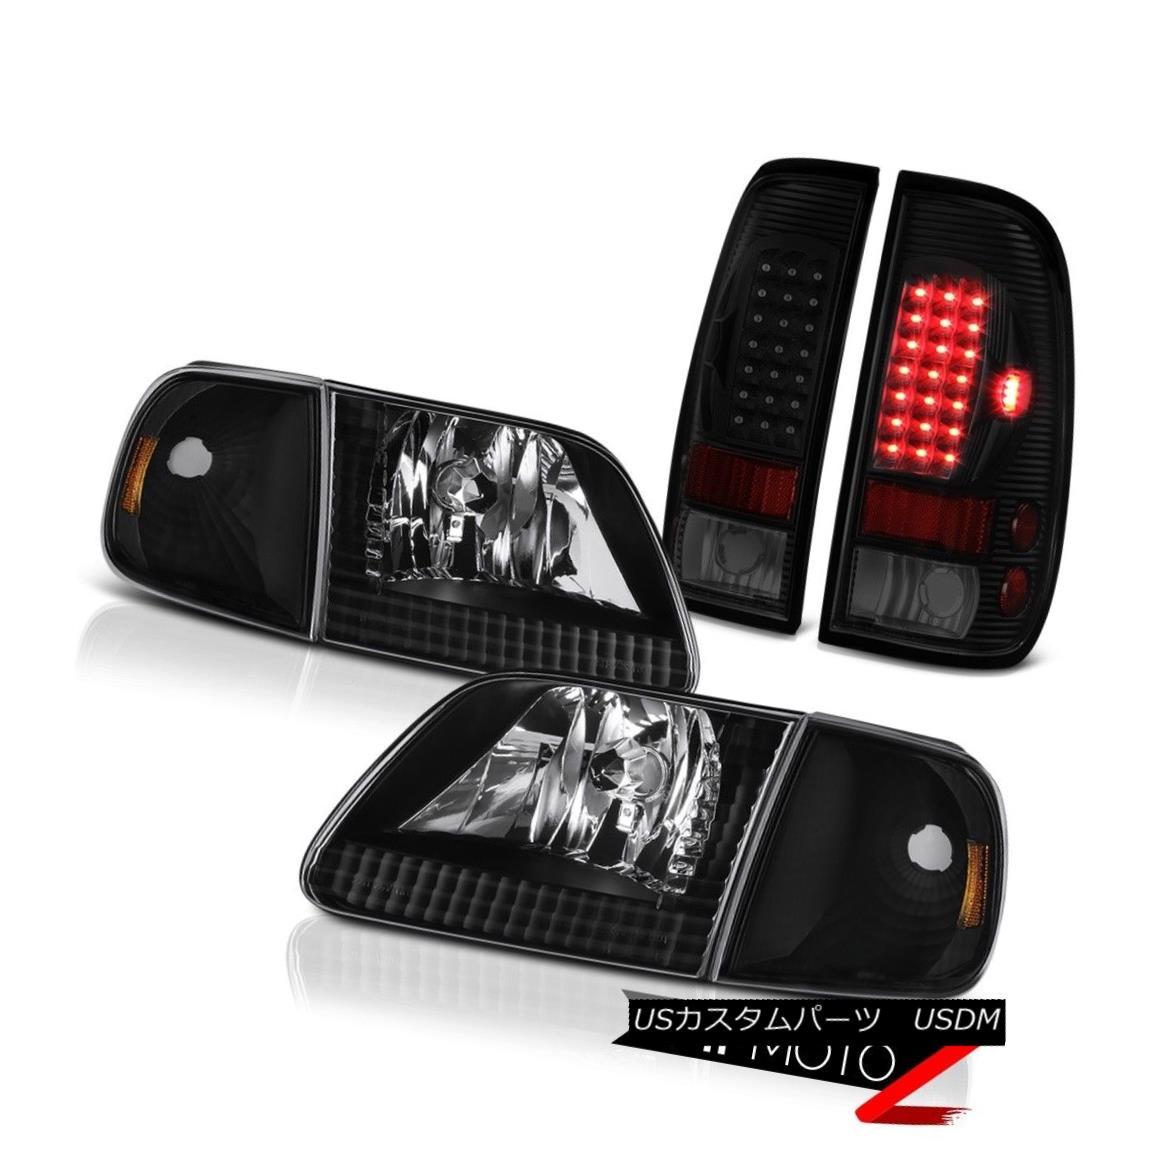 テールライト 97 98 99 00 01 02 03 F150 Xlt Sinister Black Rear Brake Lights Raven Headlights 97 98 99 00 01 02 03 F150 Xlt SinisterブラックリアブレーキライトRavenヘッドライト